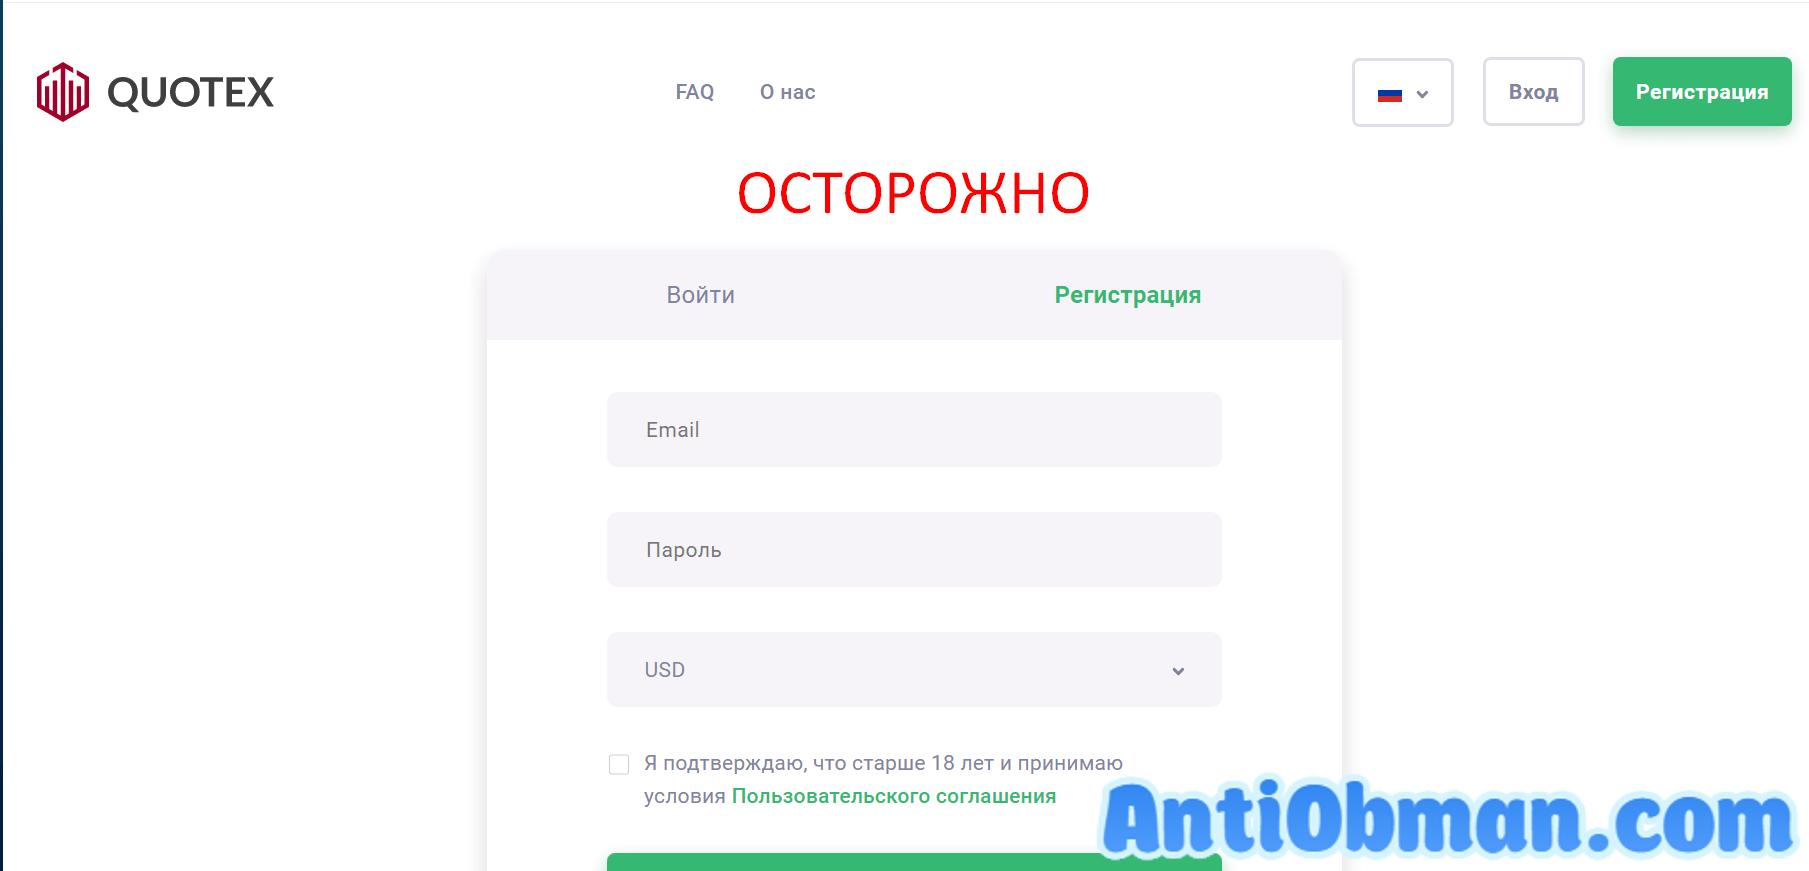 Quotex регистрация